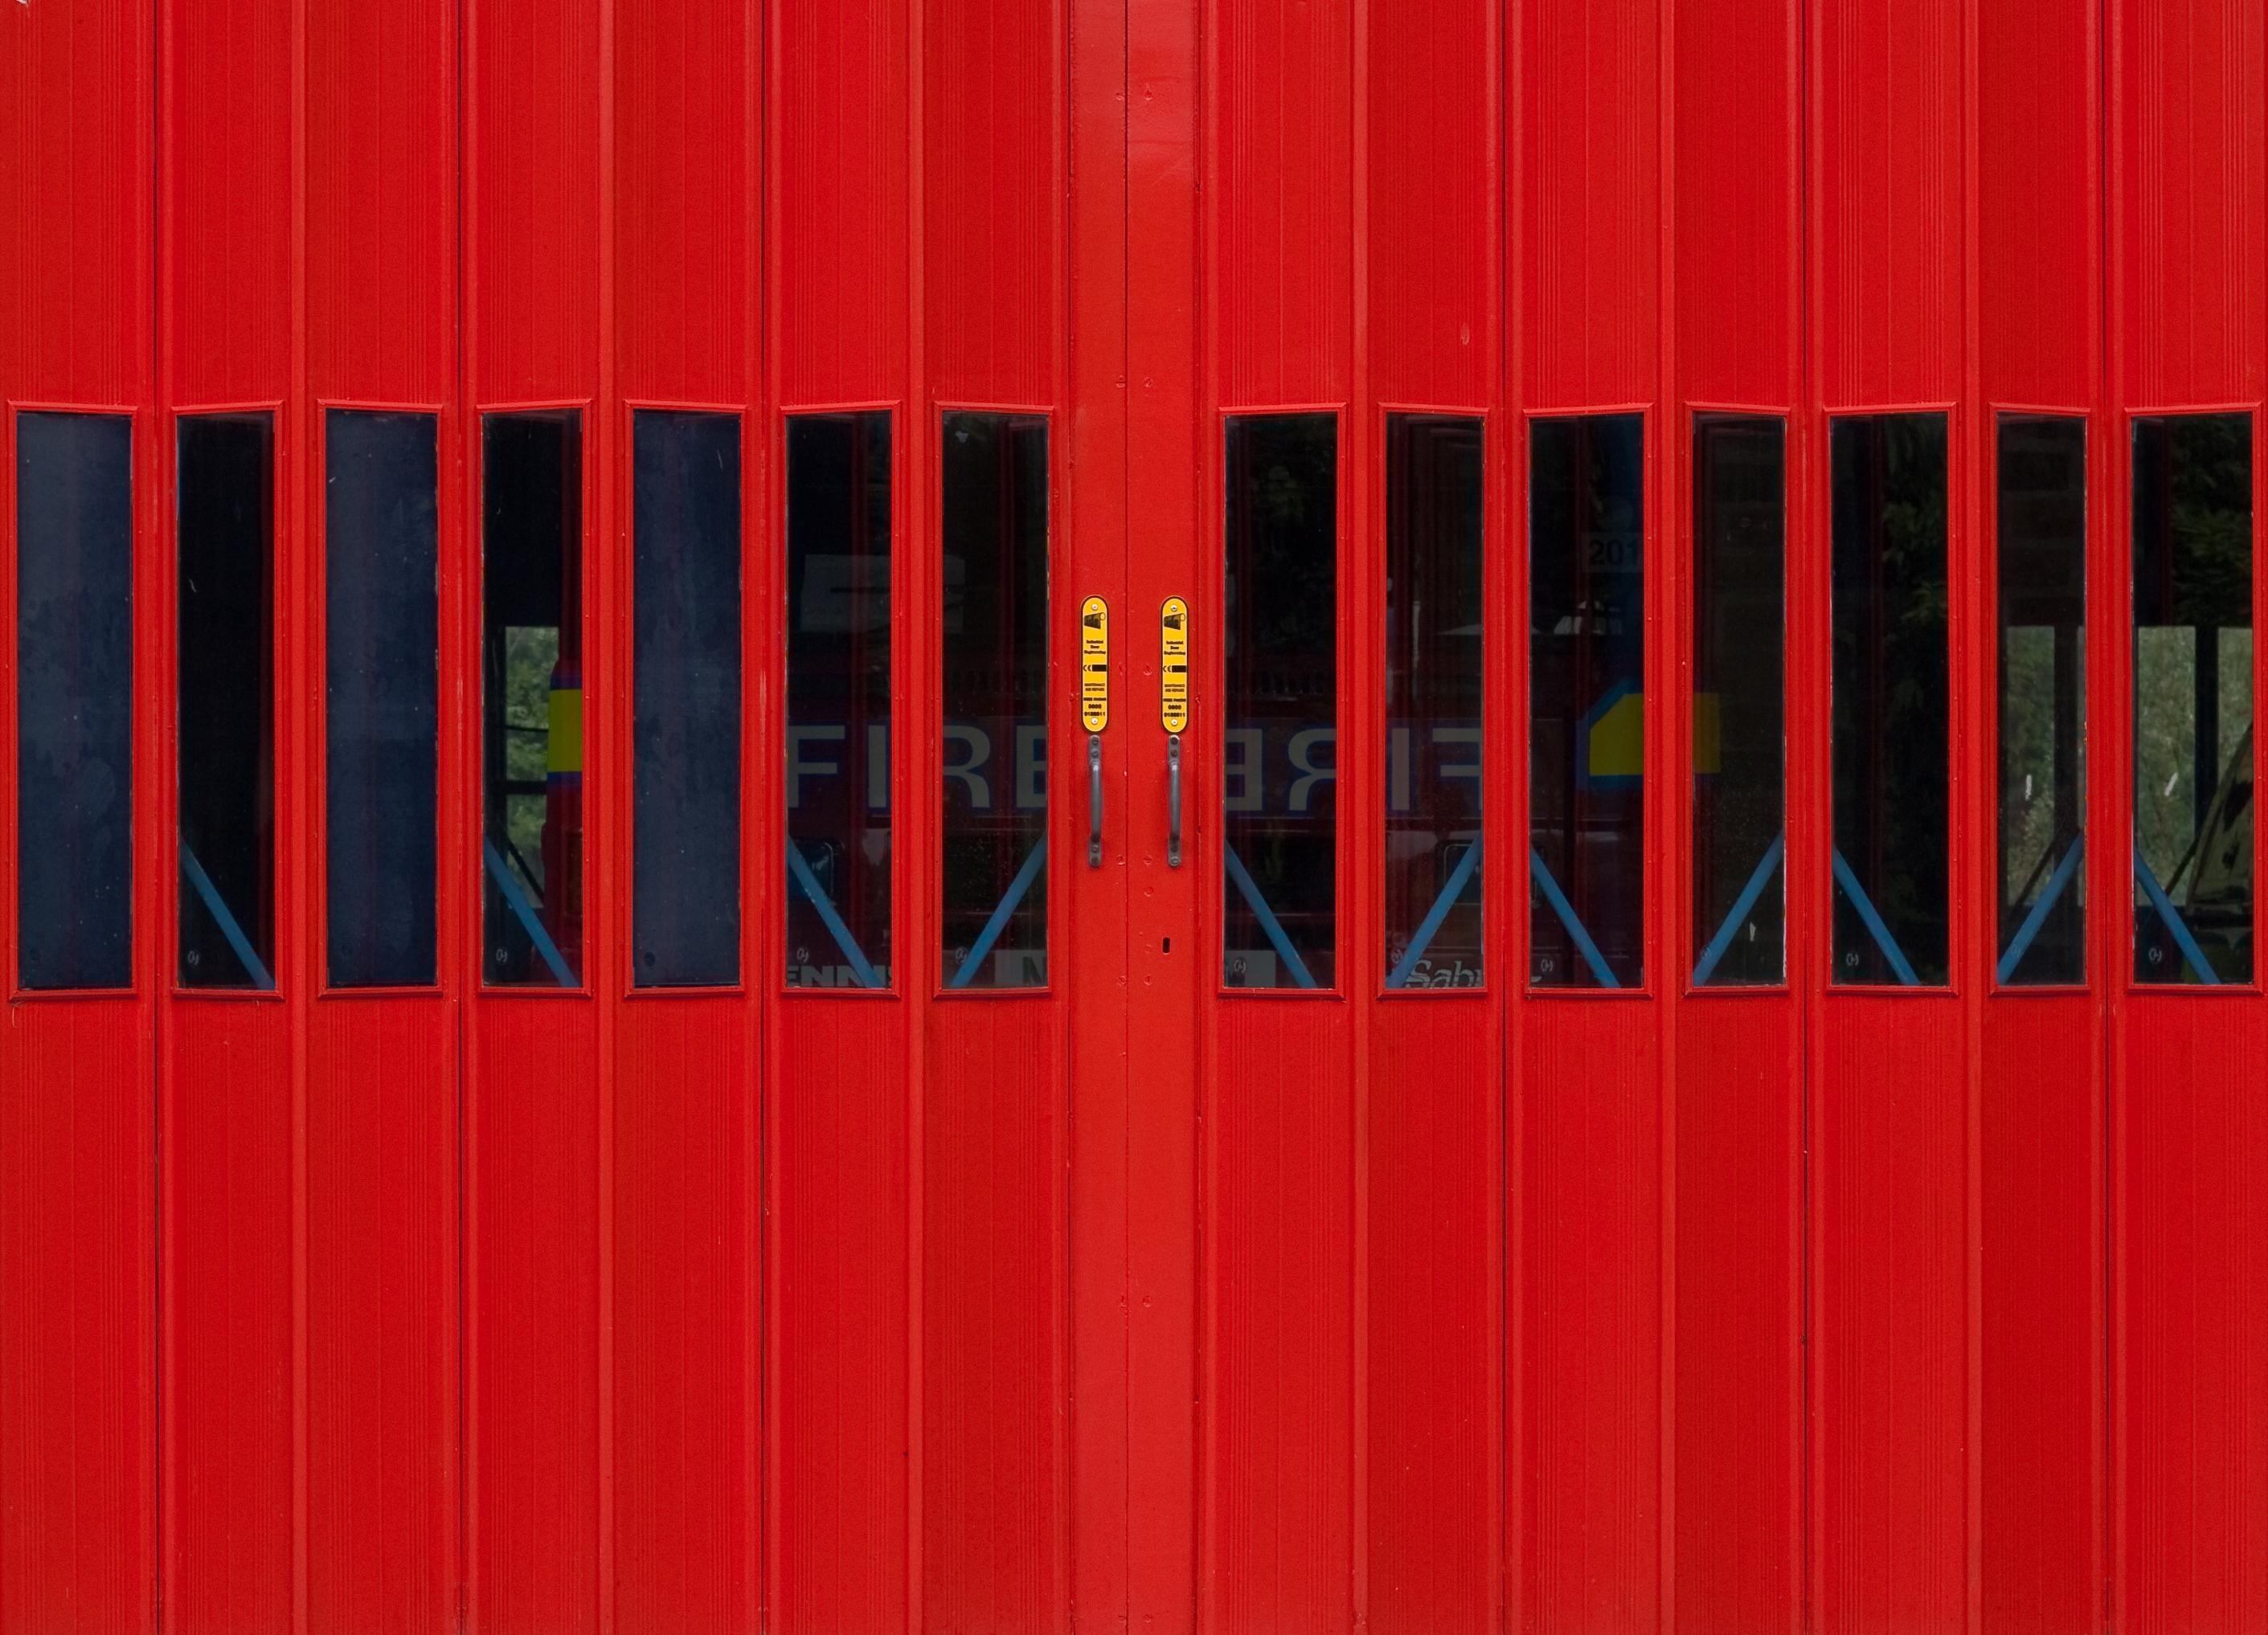 картинки линия красный цвет флаг гараж дверь